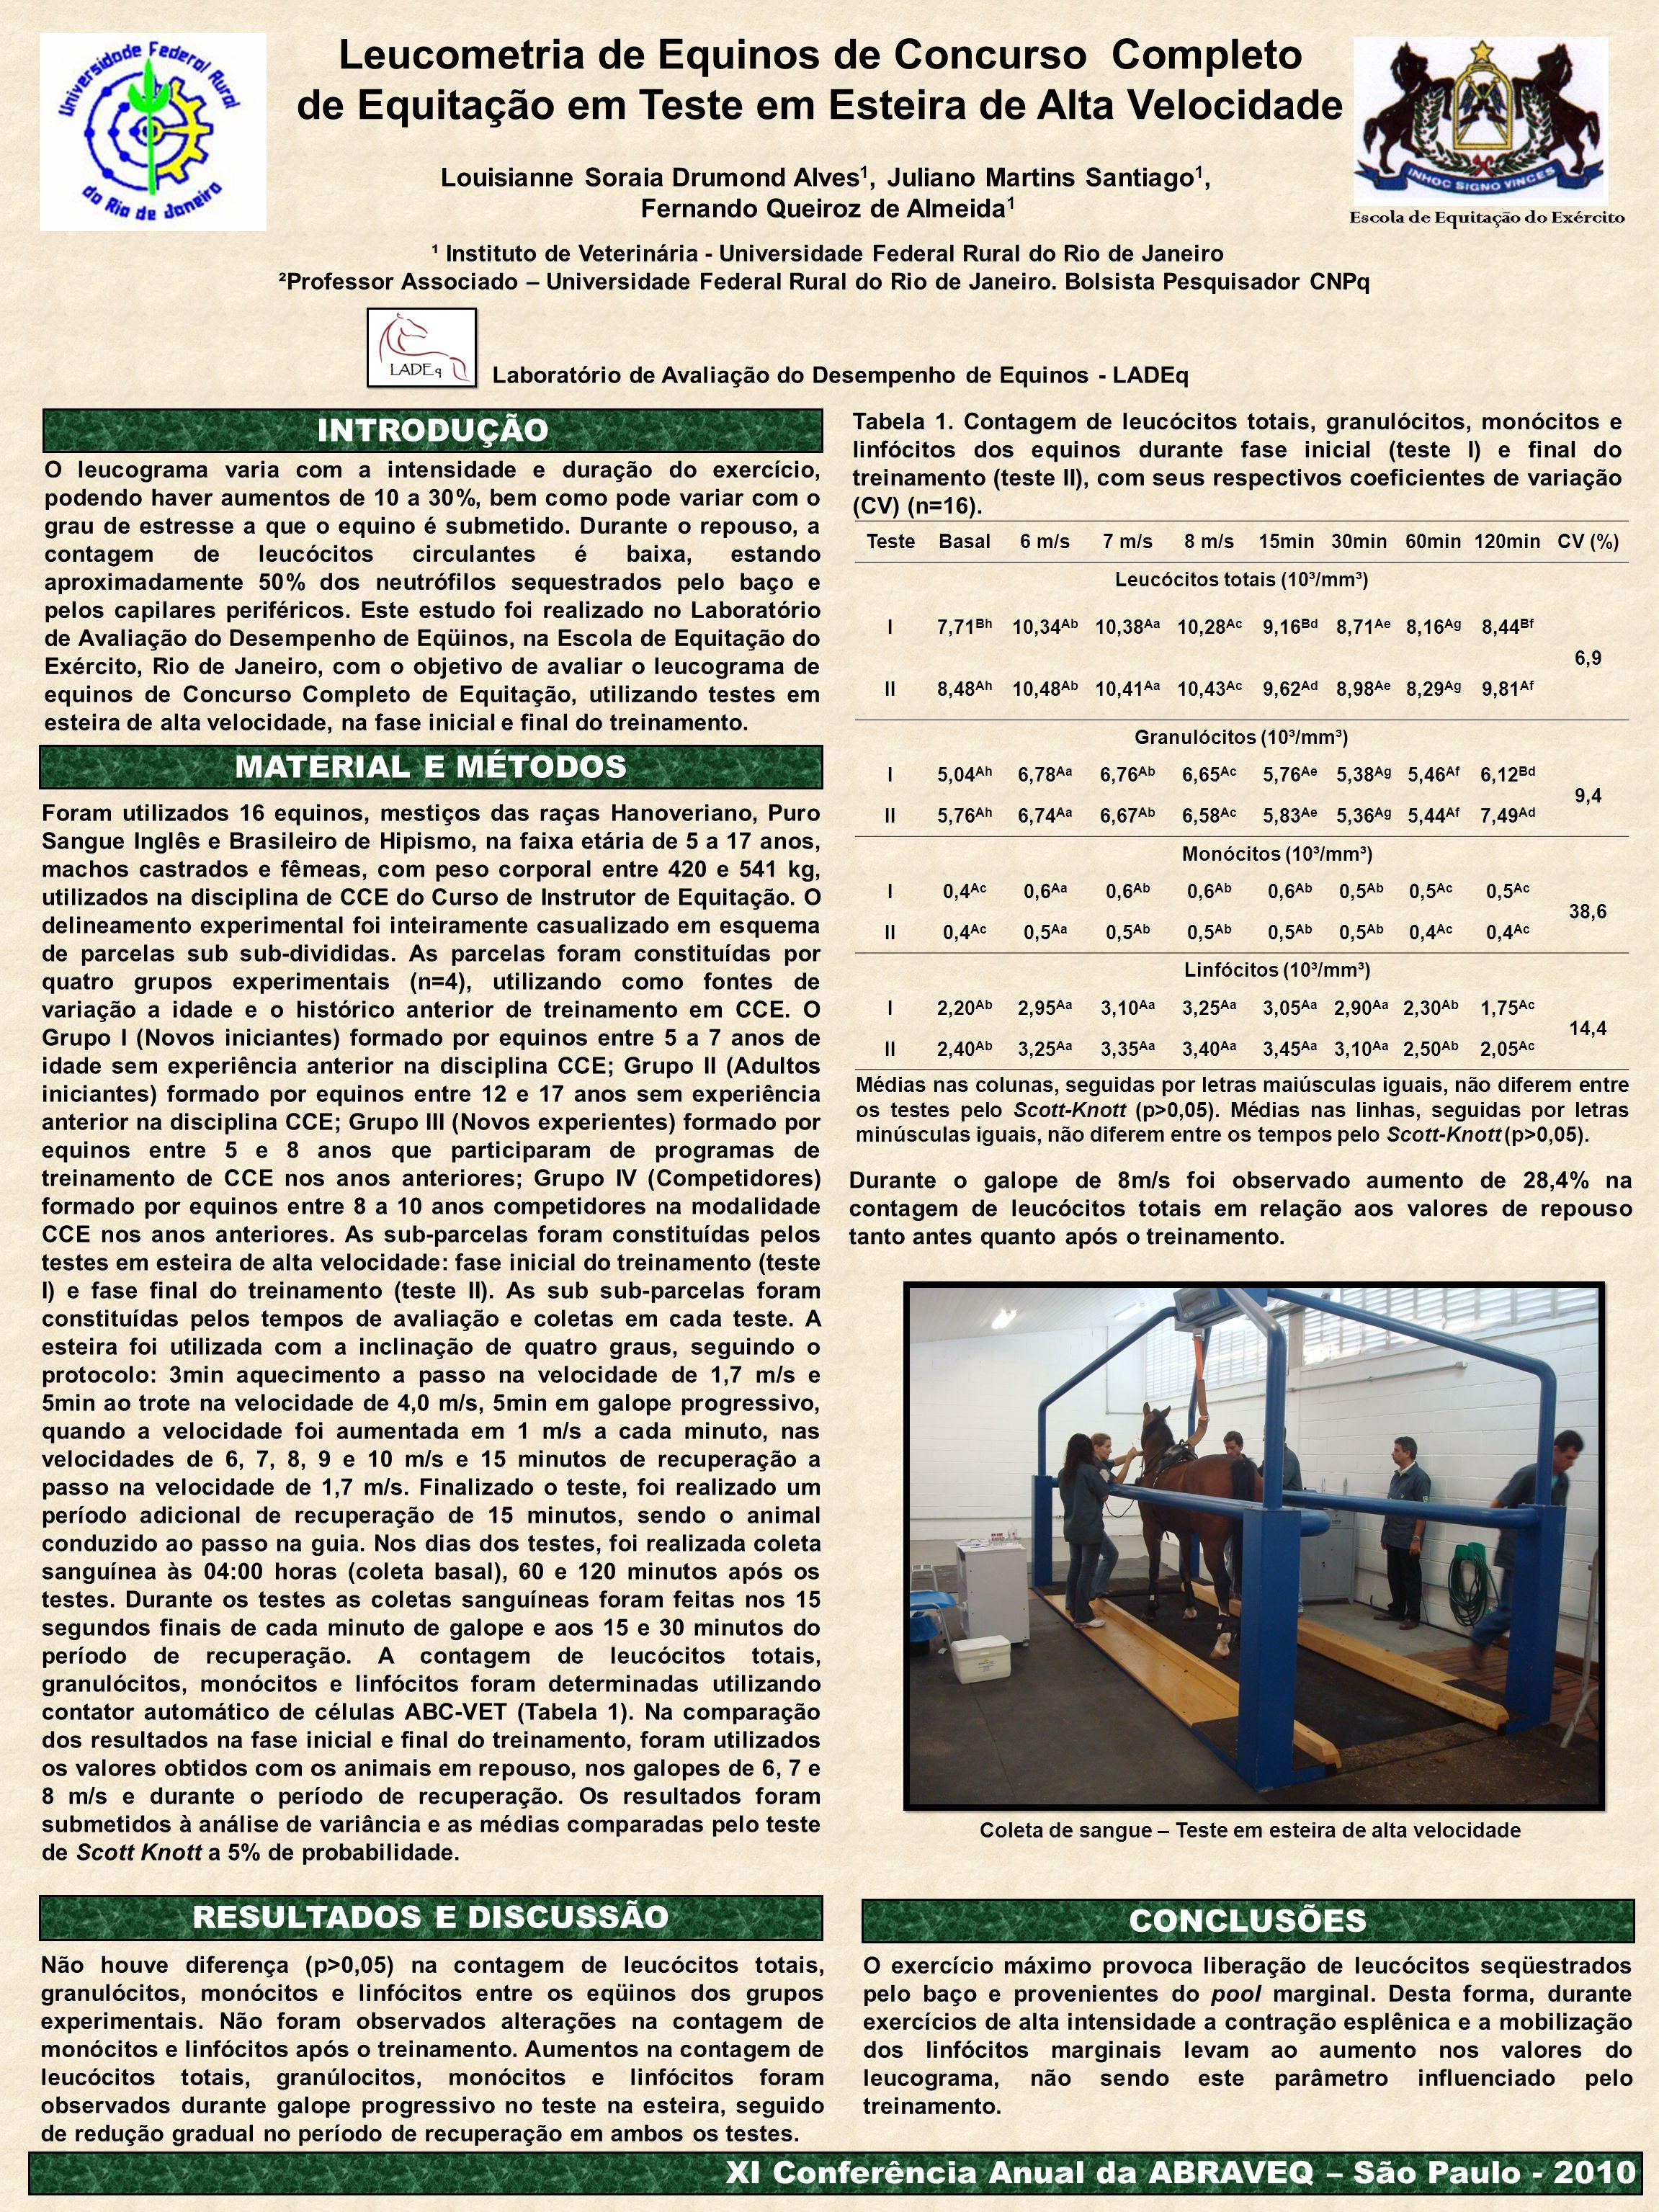 Leucometria de Equinos de Concurso Completo